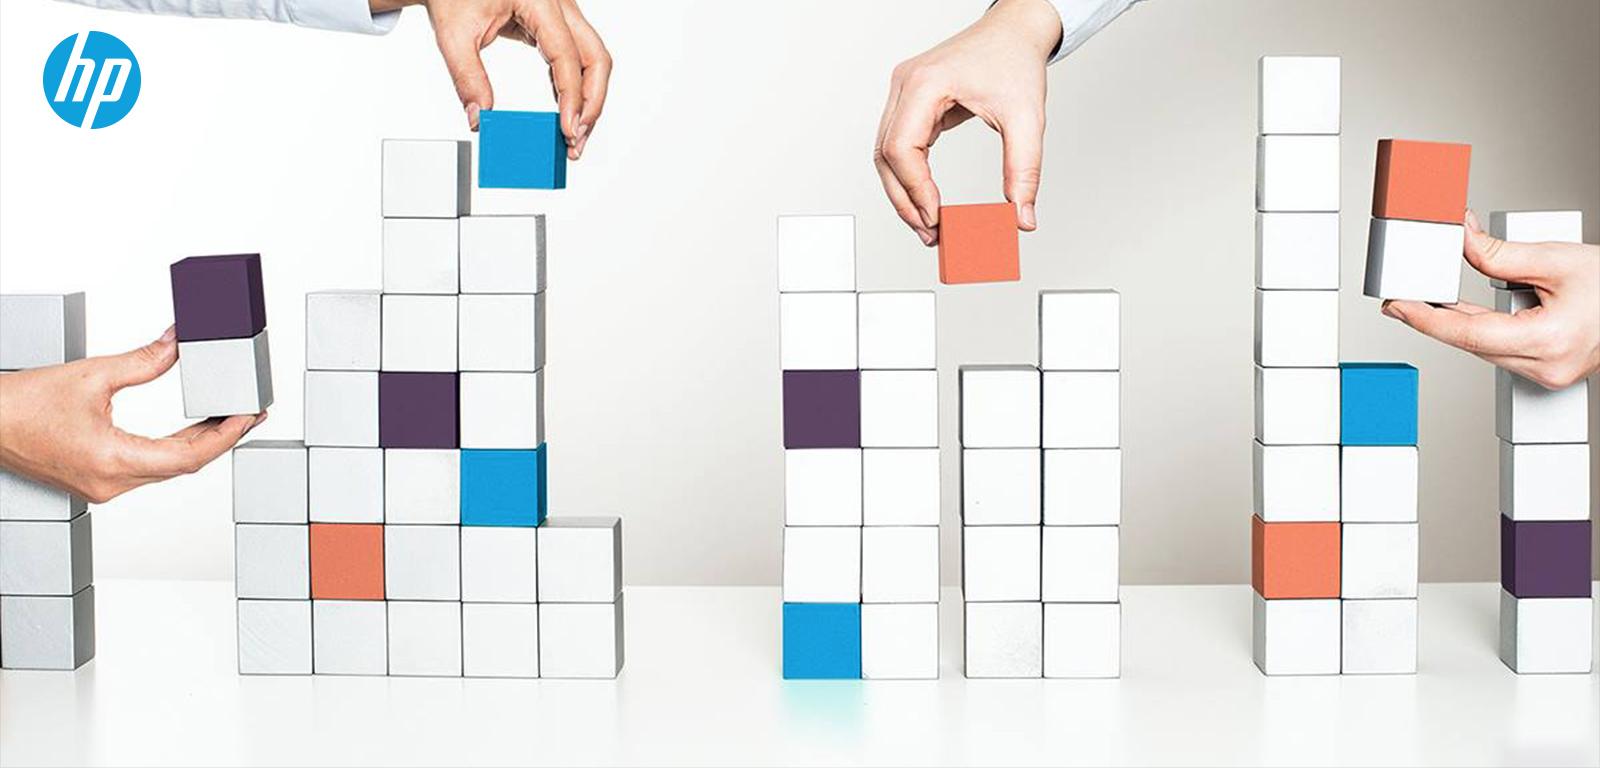 manos construyendo torres con cubos